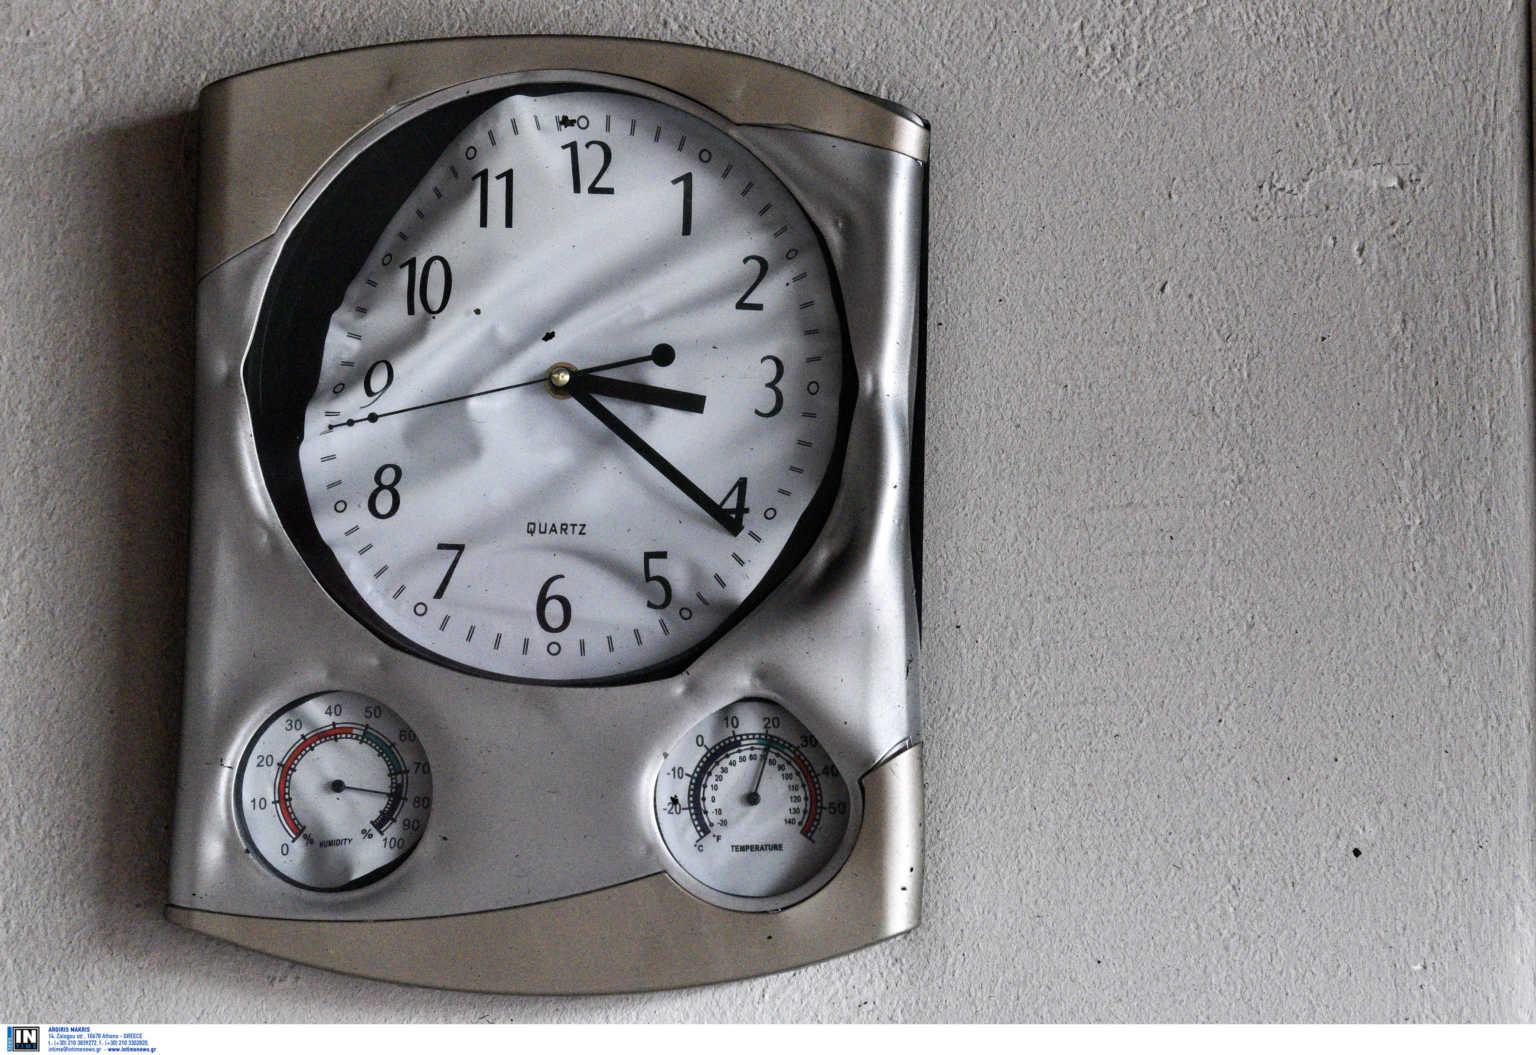 Αλλαγή ώρας: Την Κυριακή γυρνάμε τα ρολόγια μας – Γιατί δεν καταργήθηκε το μέτρο